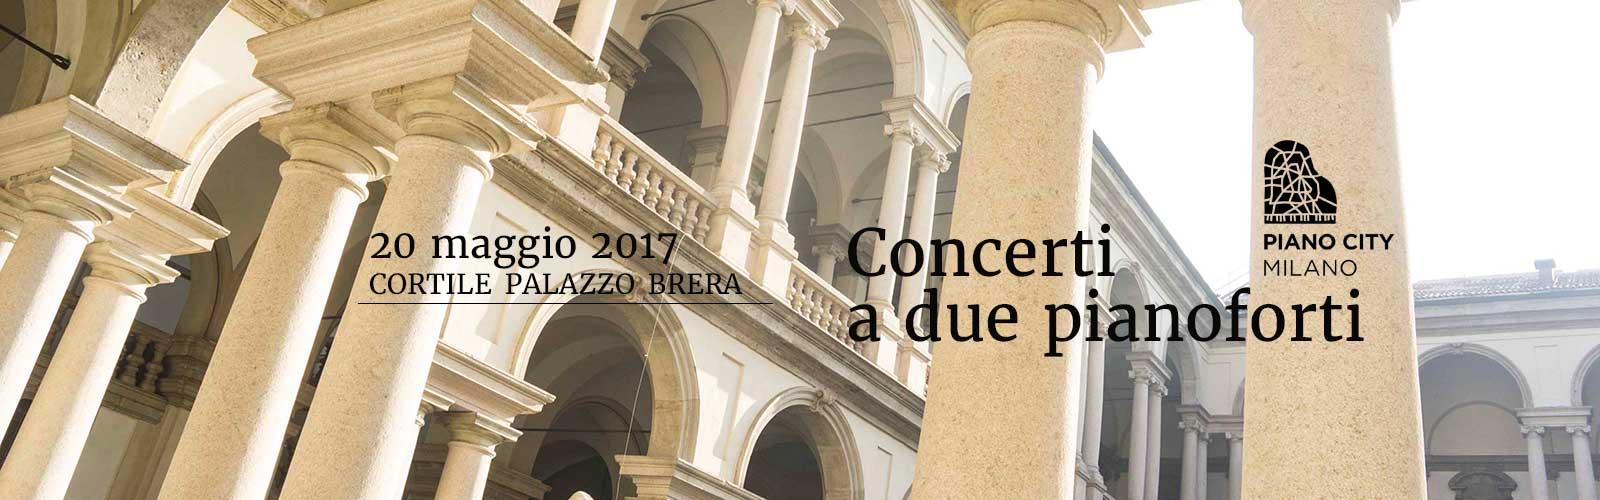 Piano City Milano alla Pinacoteca di Brera